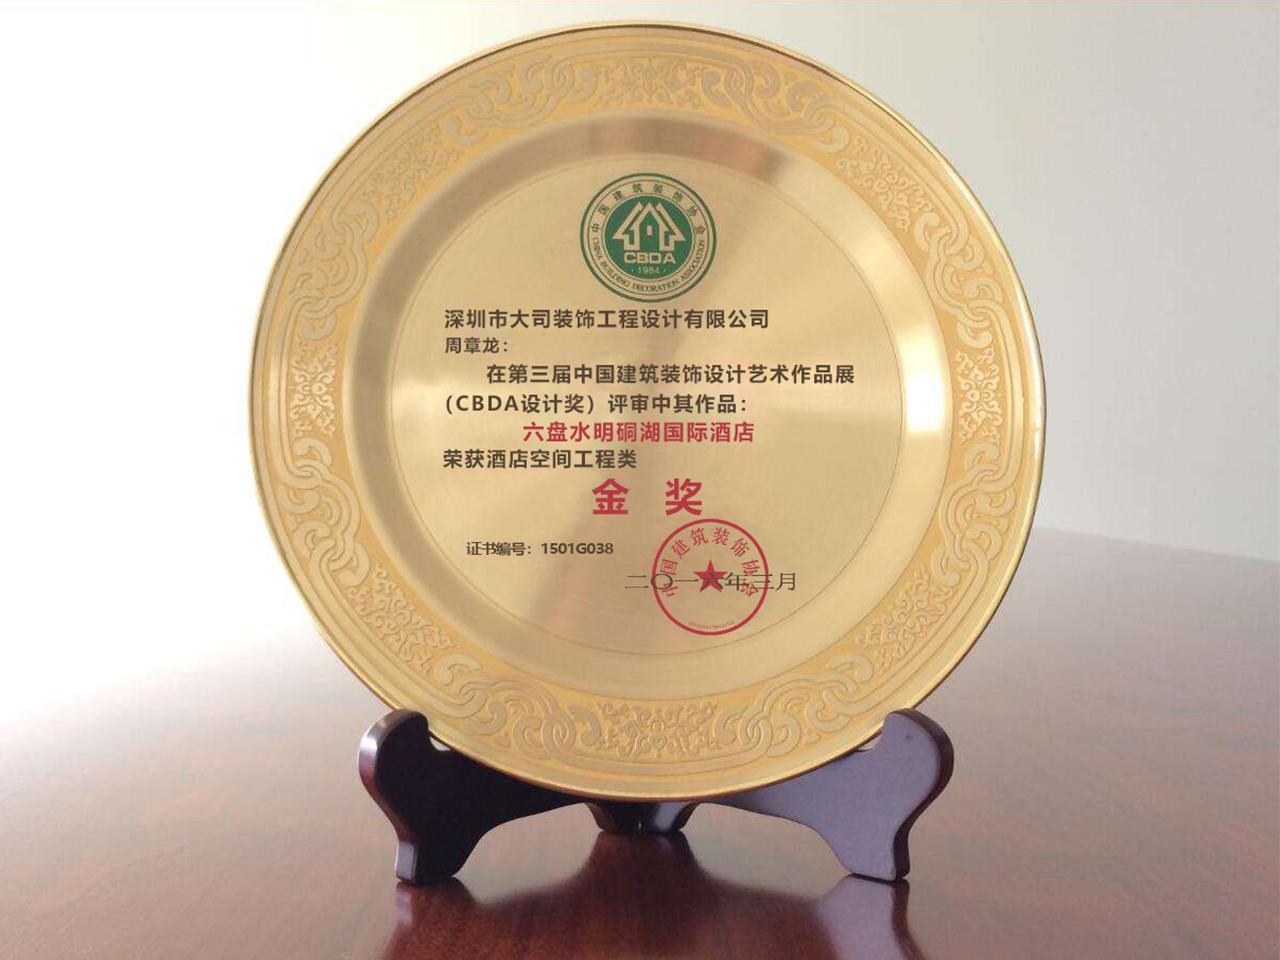 2016年度荣获第三届中国建筑装饰设计艺术作品展(CBDA设计奖)评审中其作品,荣获酒店空间工程类金奖